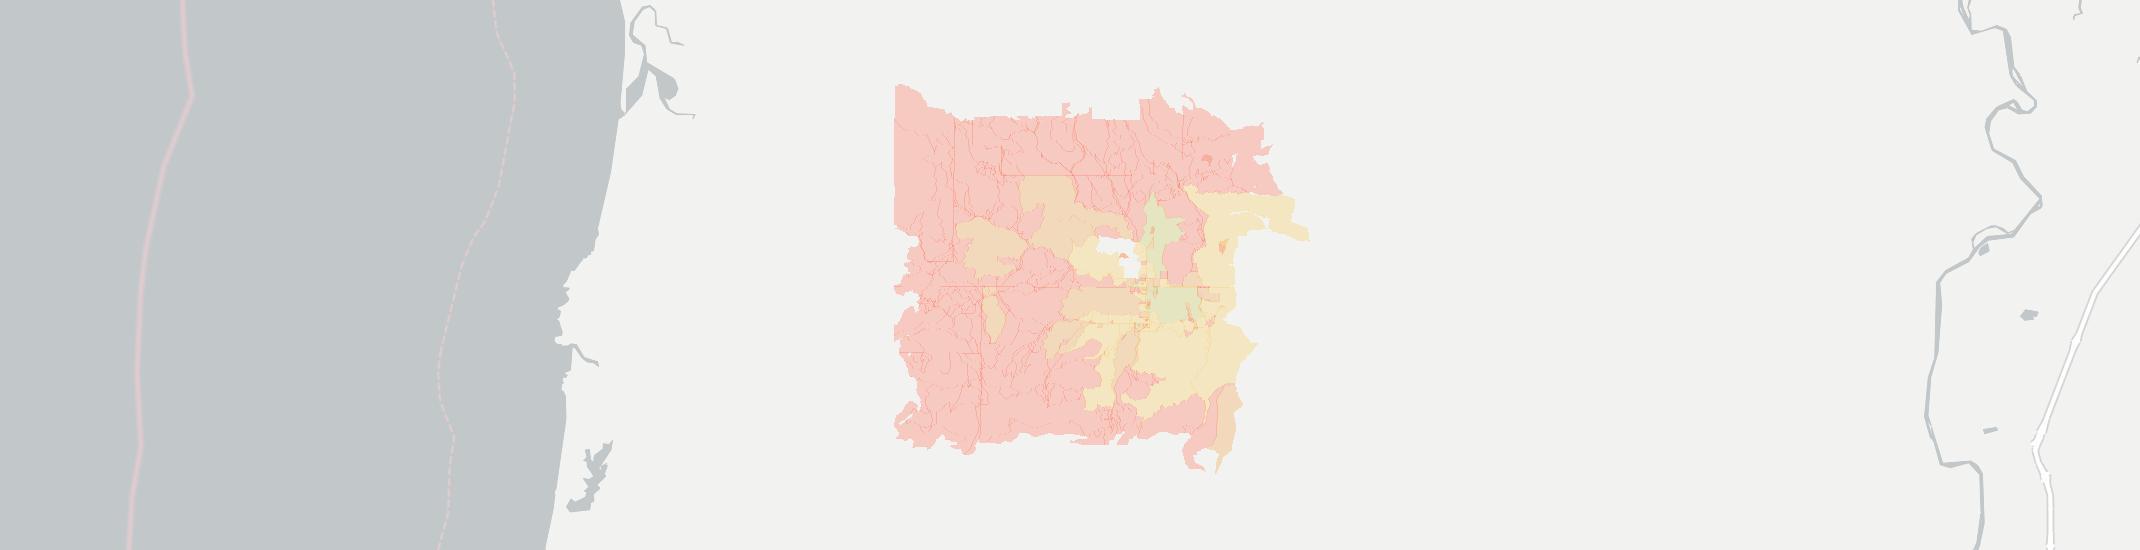 Grand Ronde Oregon Map.Internet Providers In Grand Ronde Compare 9 Providers